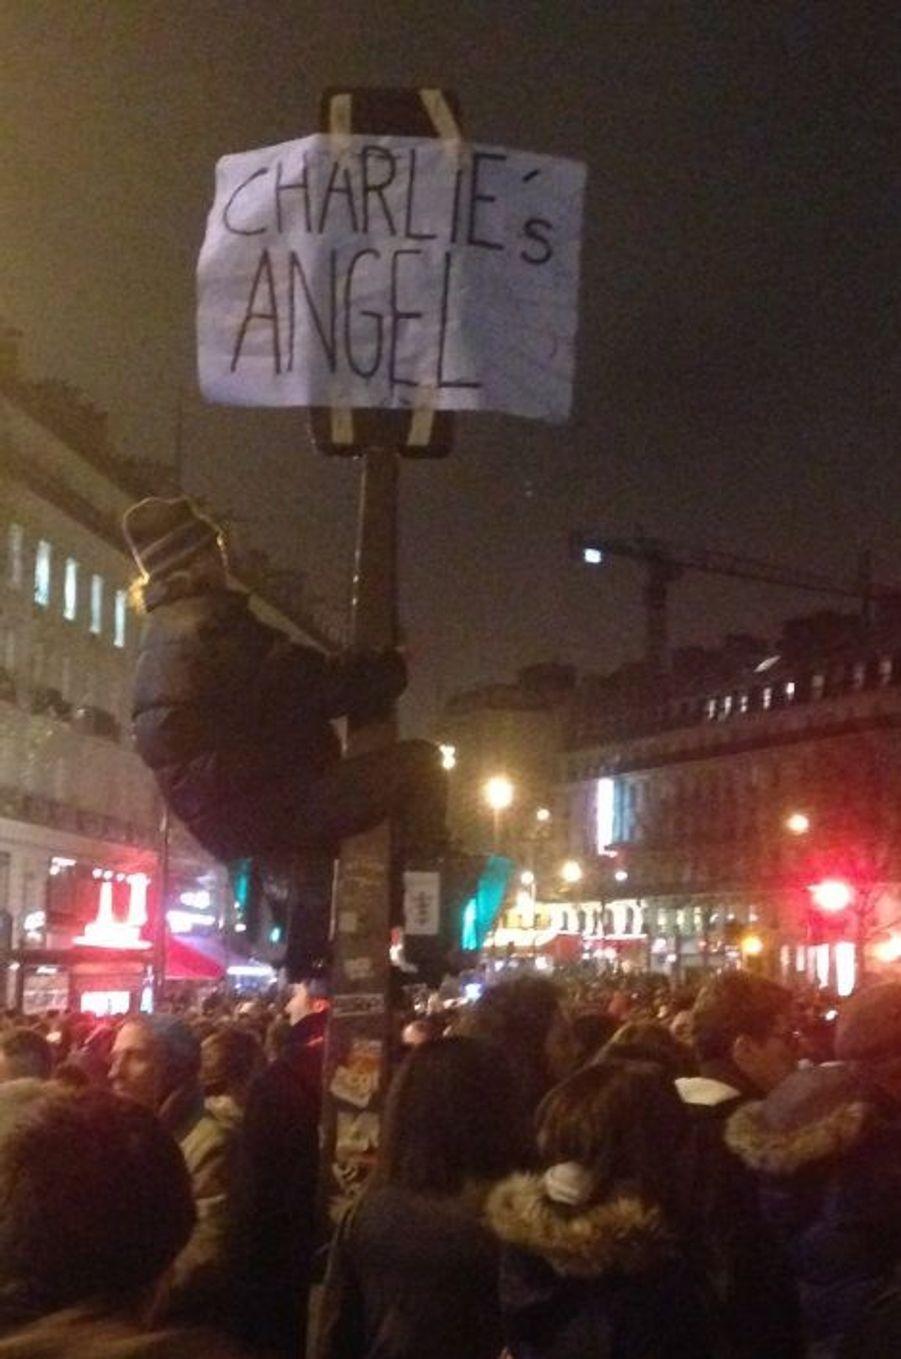 """Beaucoup ont voulu retrouver l'esprit potache des journalistes de Charlie Hebdo, comme ce manifestant qui affiche """"les Anges de Charlie"""" en hommage aux victimes."""